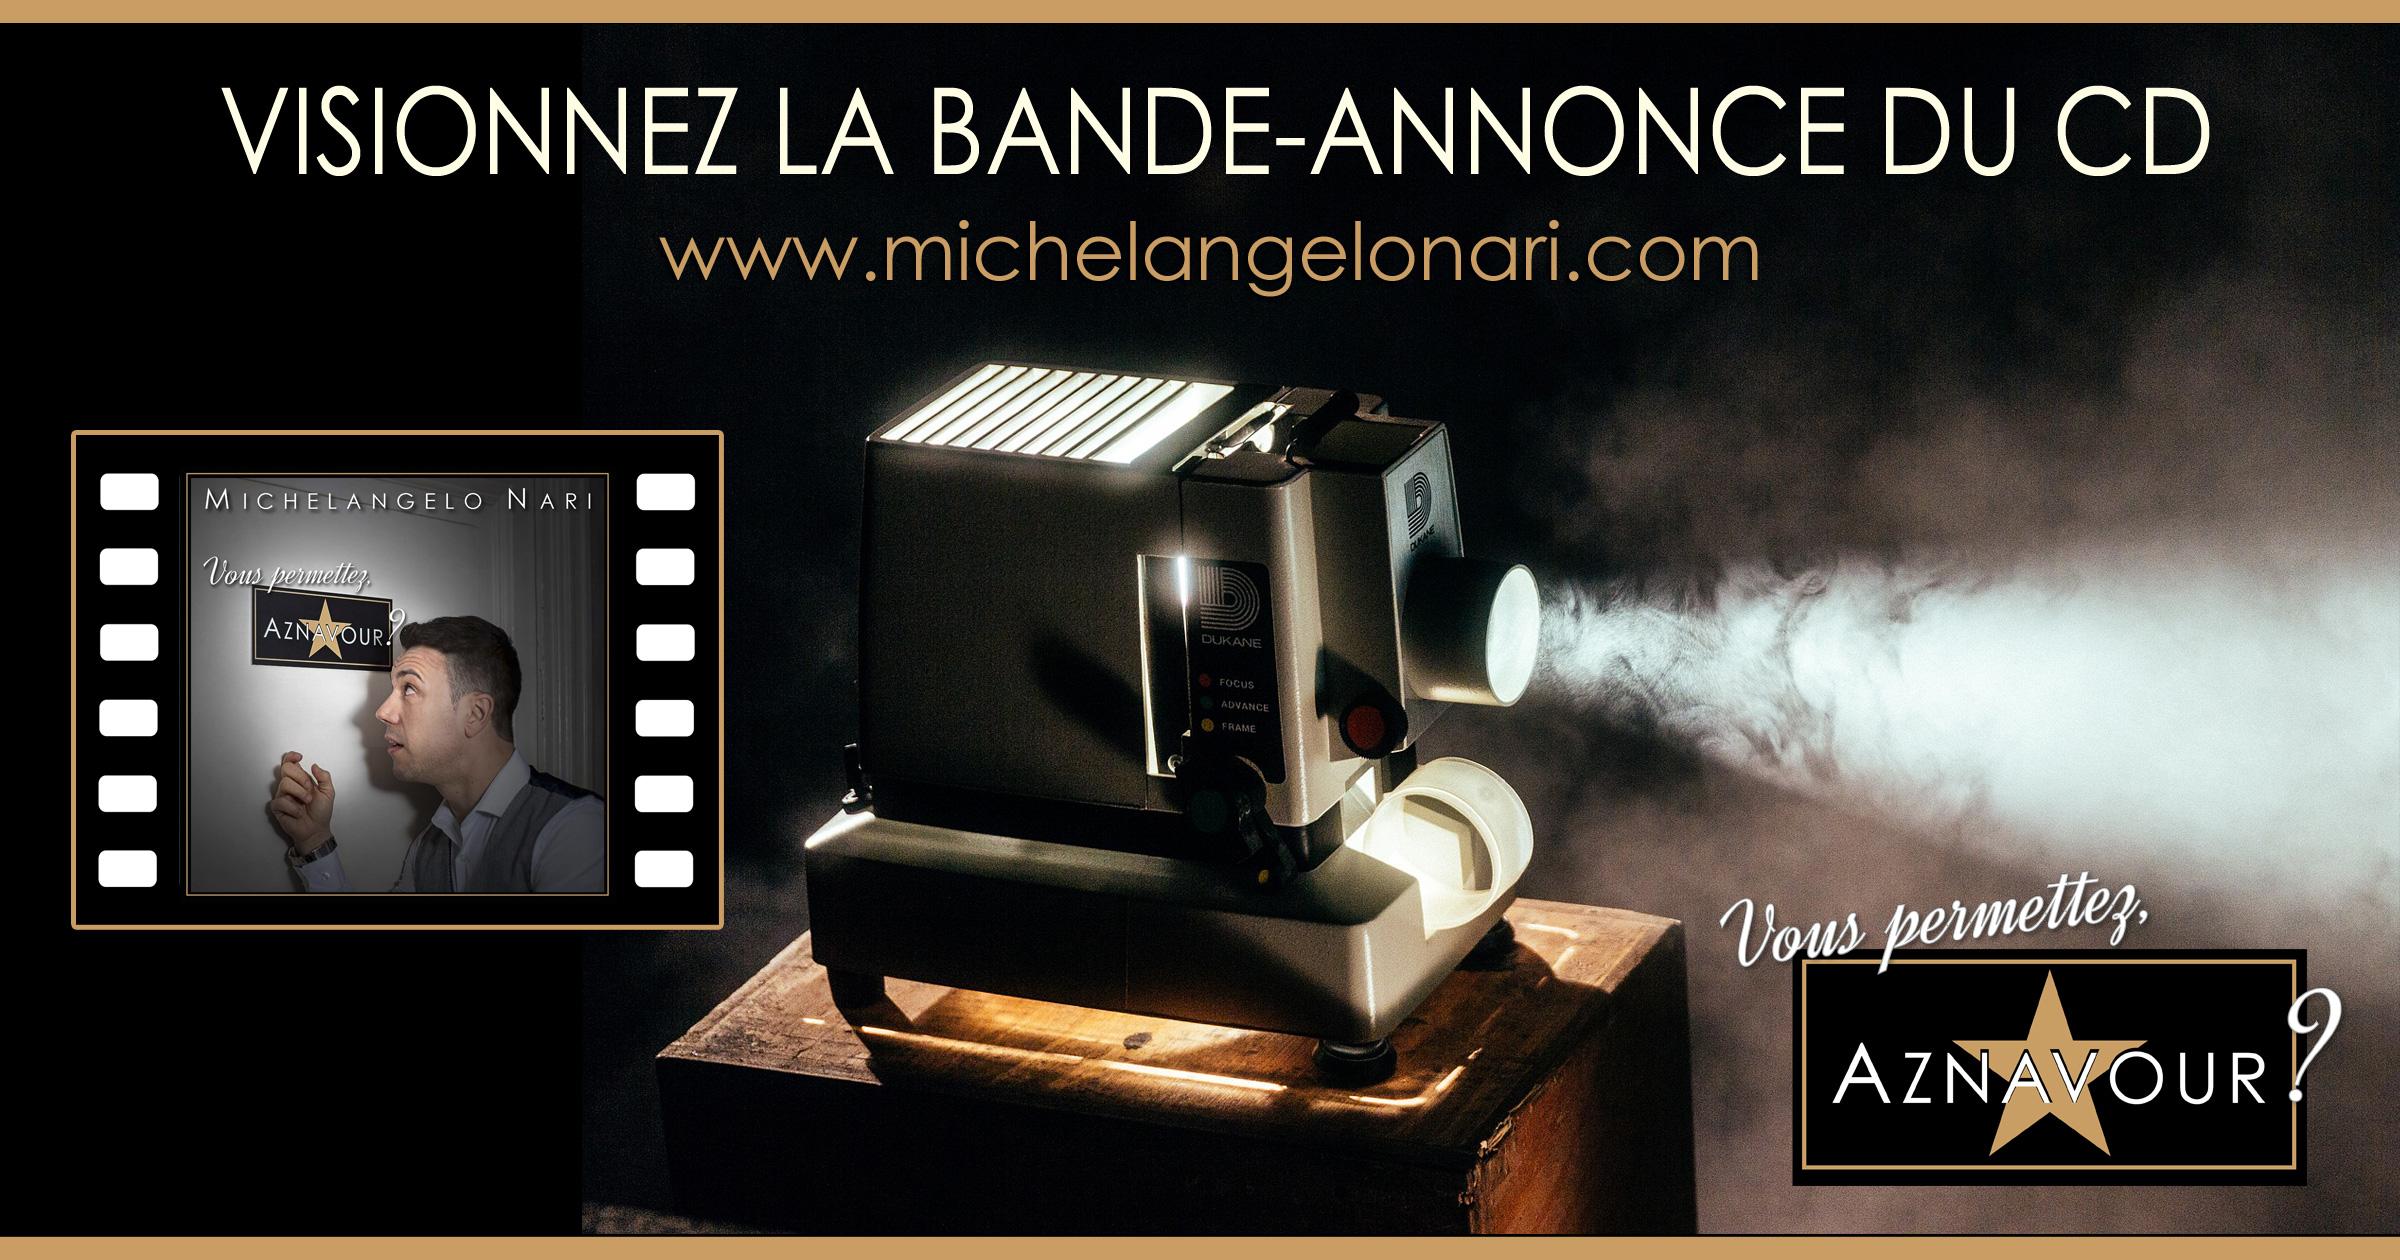 """Michelangelo Nari - """"Vous permettez, Aznavour?"""" - Visionnez la bande-annonce du CD"""